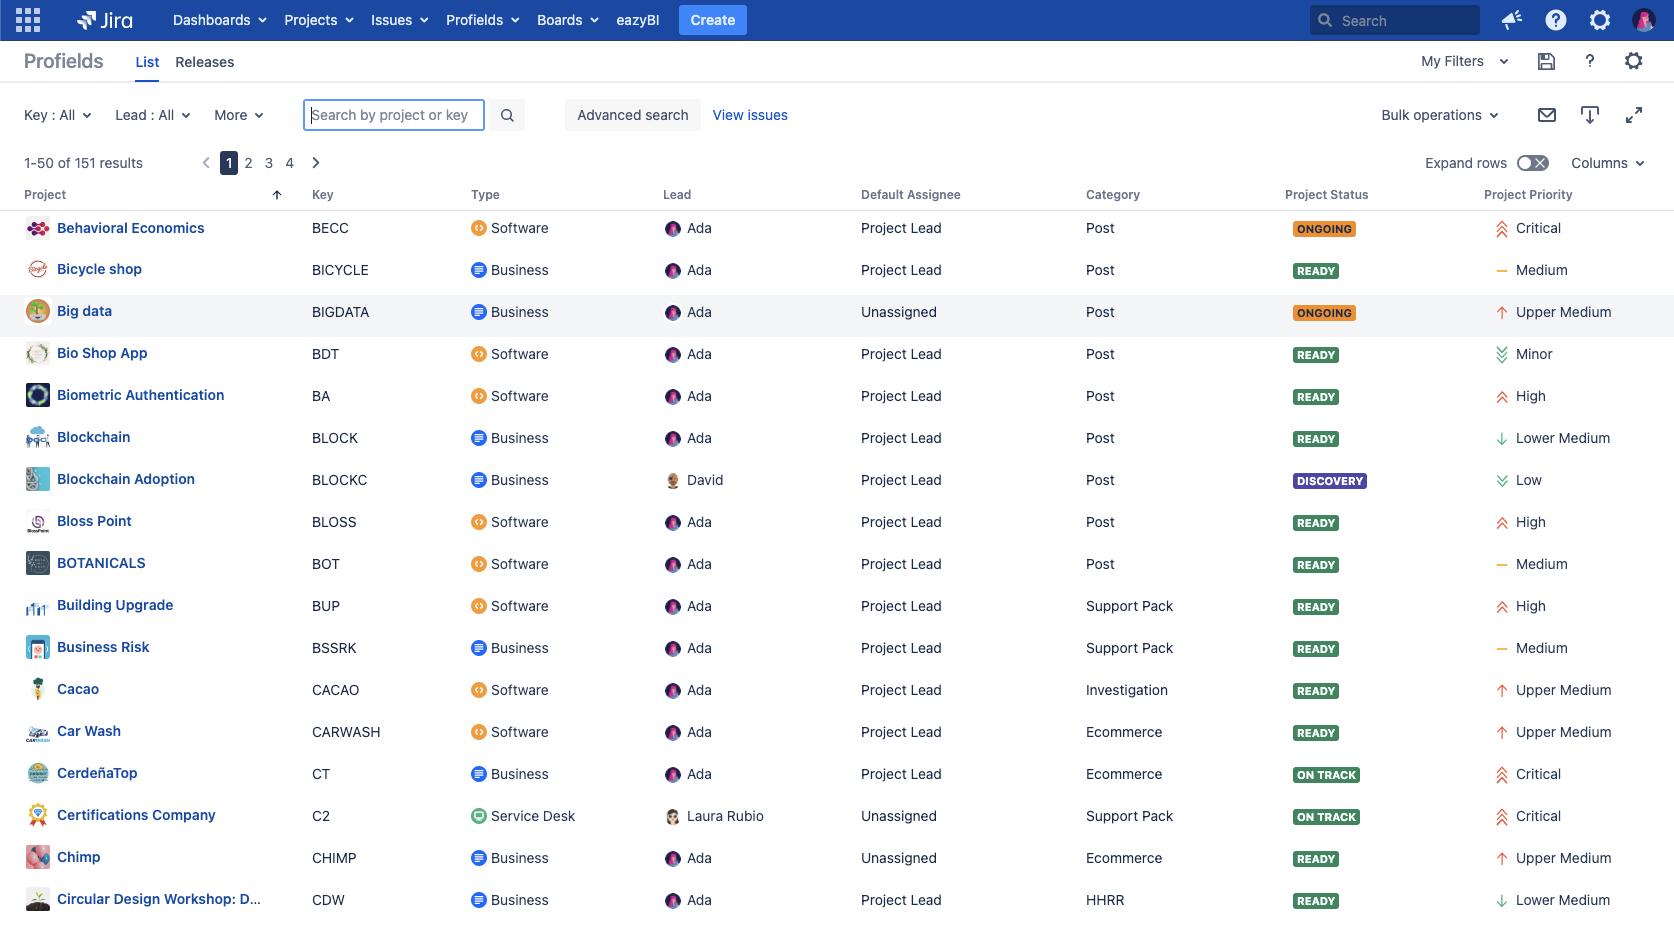 Con la Vista de Lista de Profields es posible ver, centralizar y buscar entre tus proyectos Jira, para un mejor seguimiento y control.